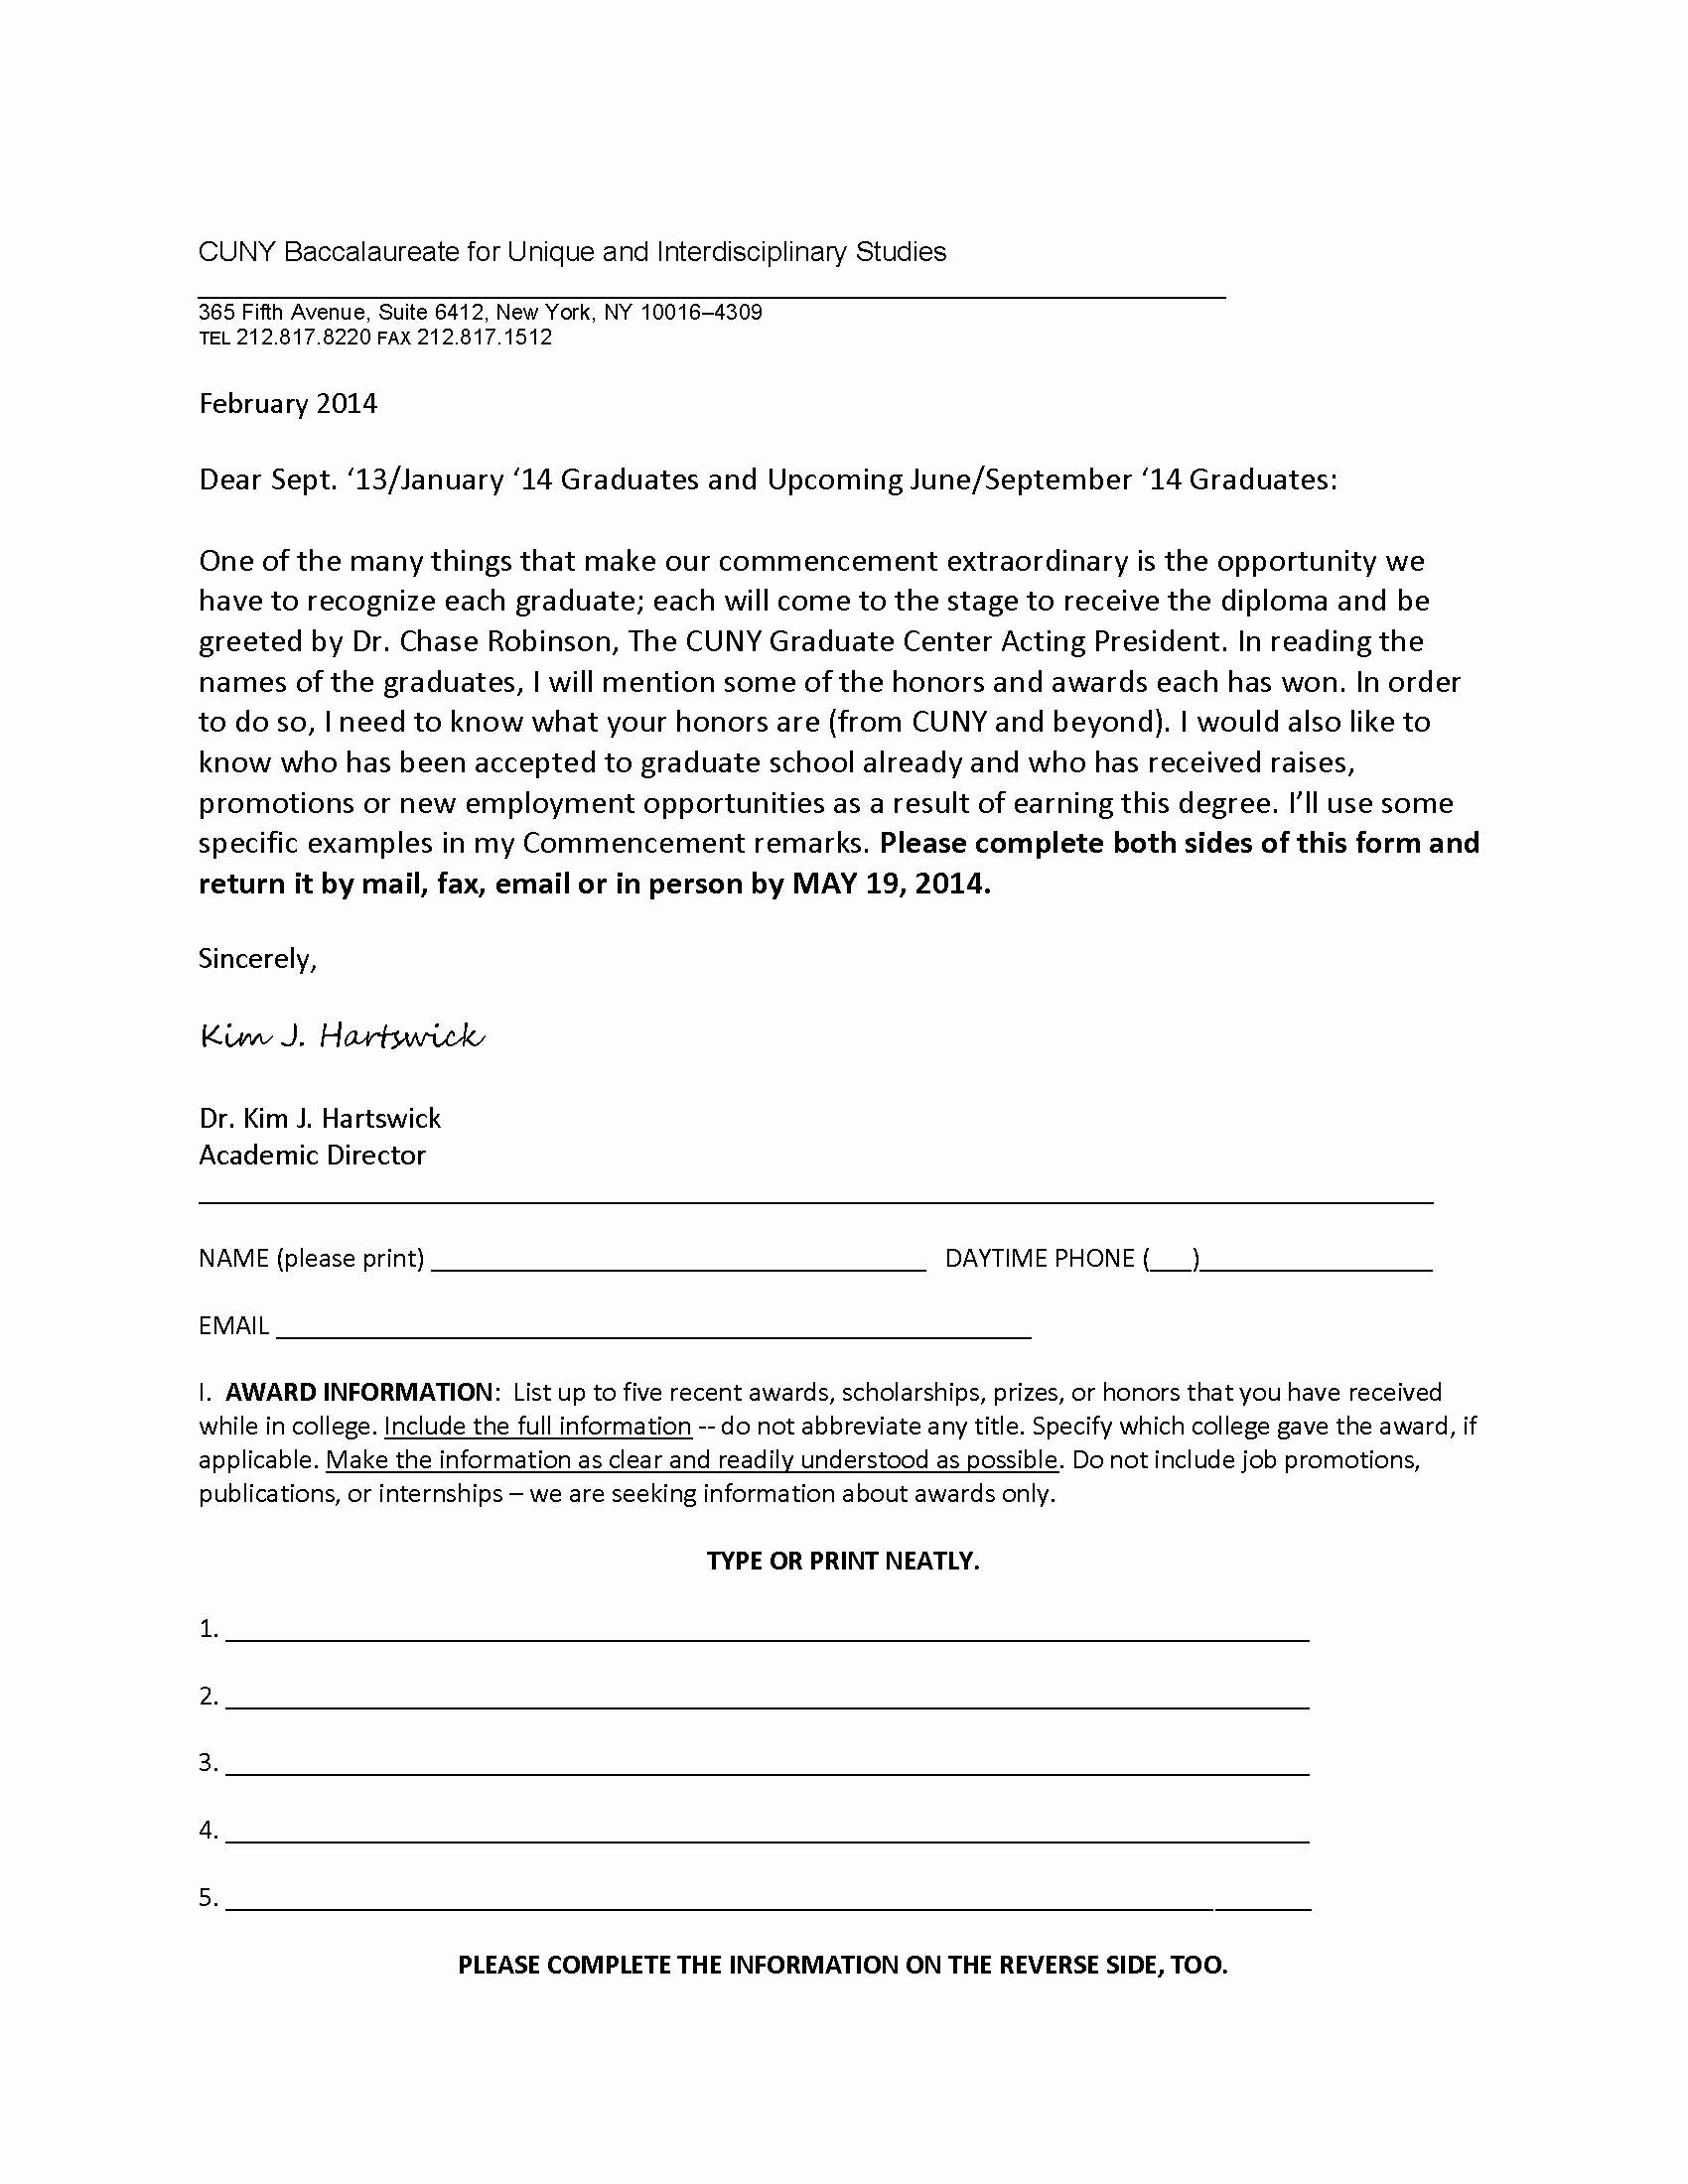 Sample Graduation Invitation Letter Luxury Invitation Letter for Graduation